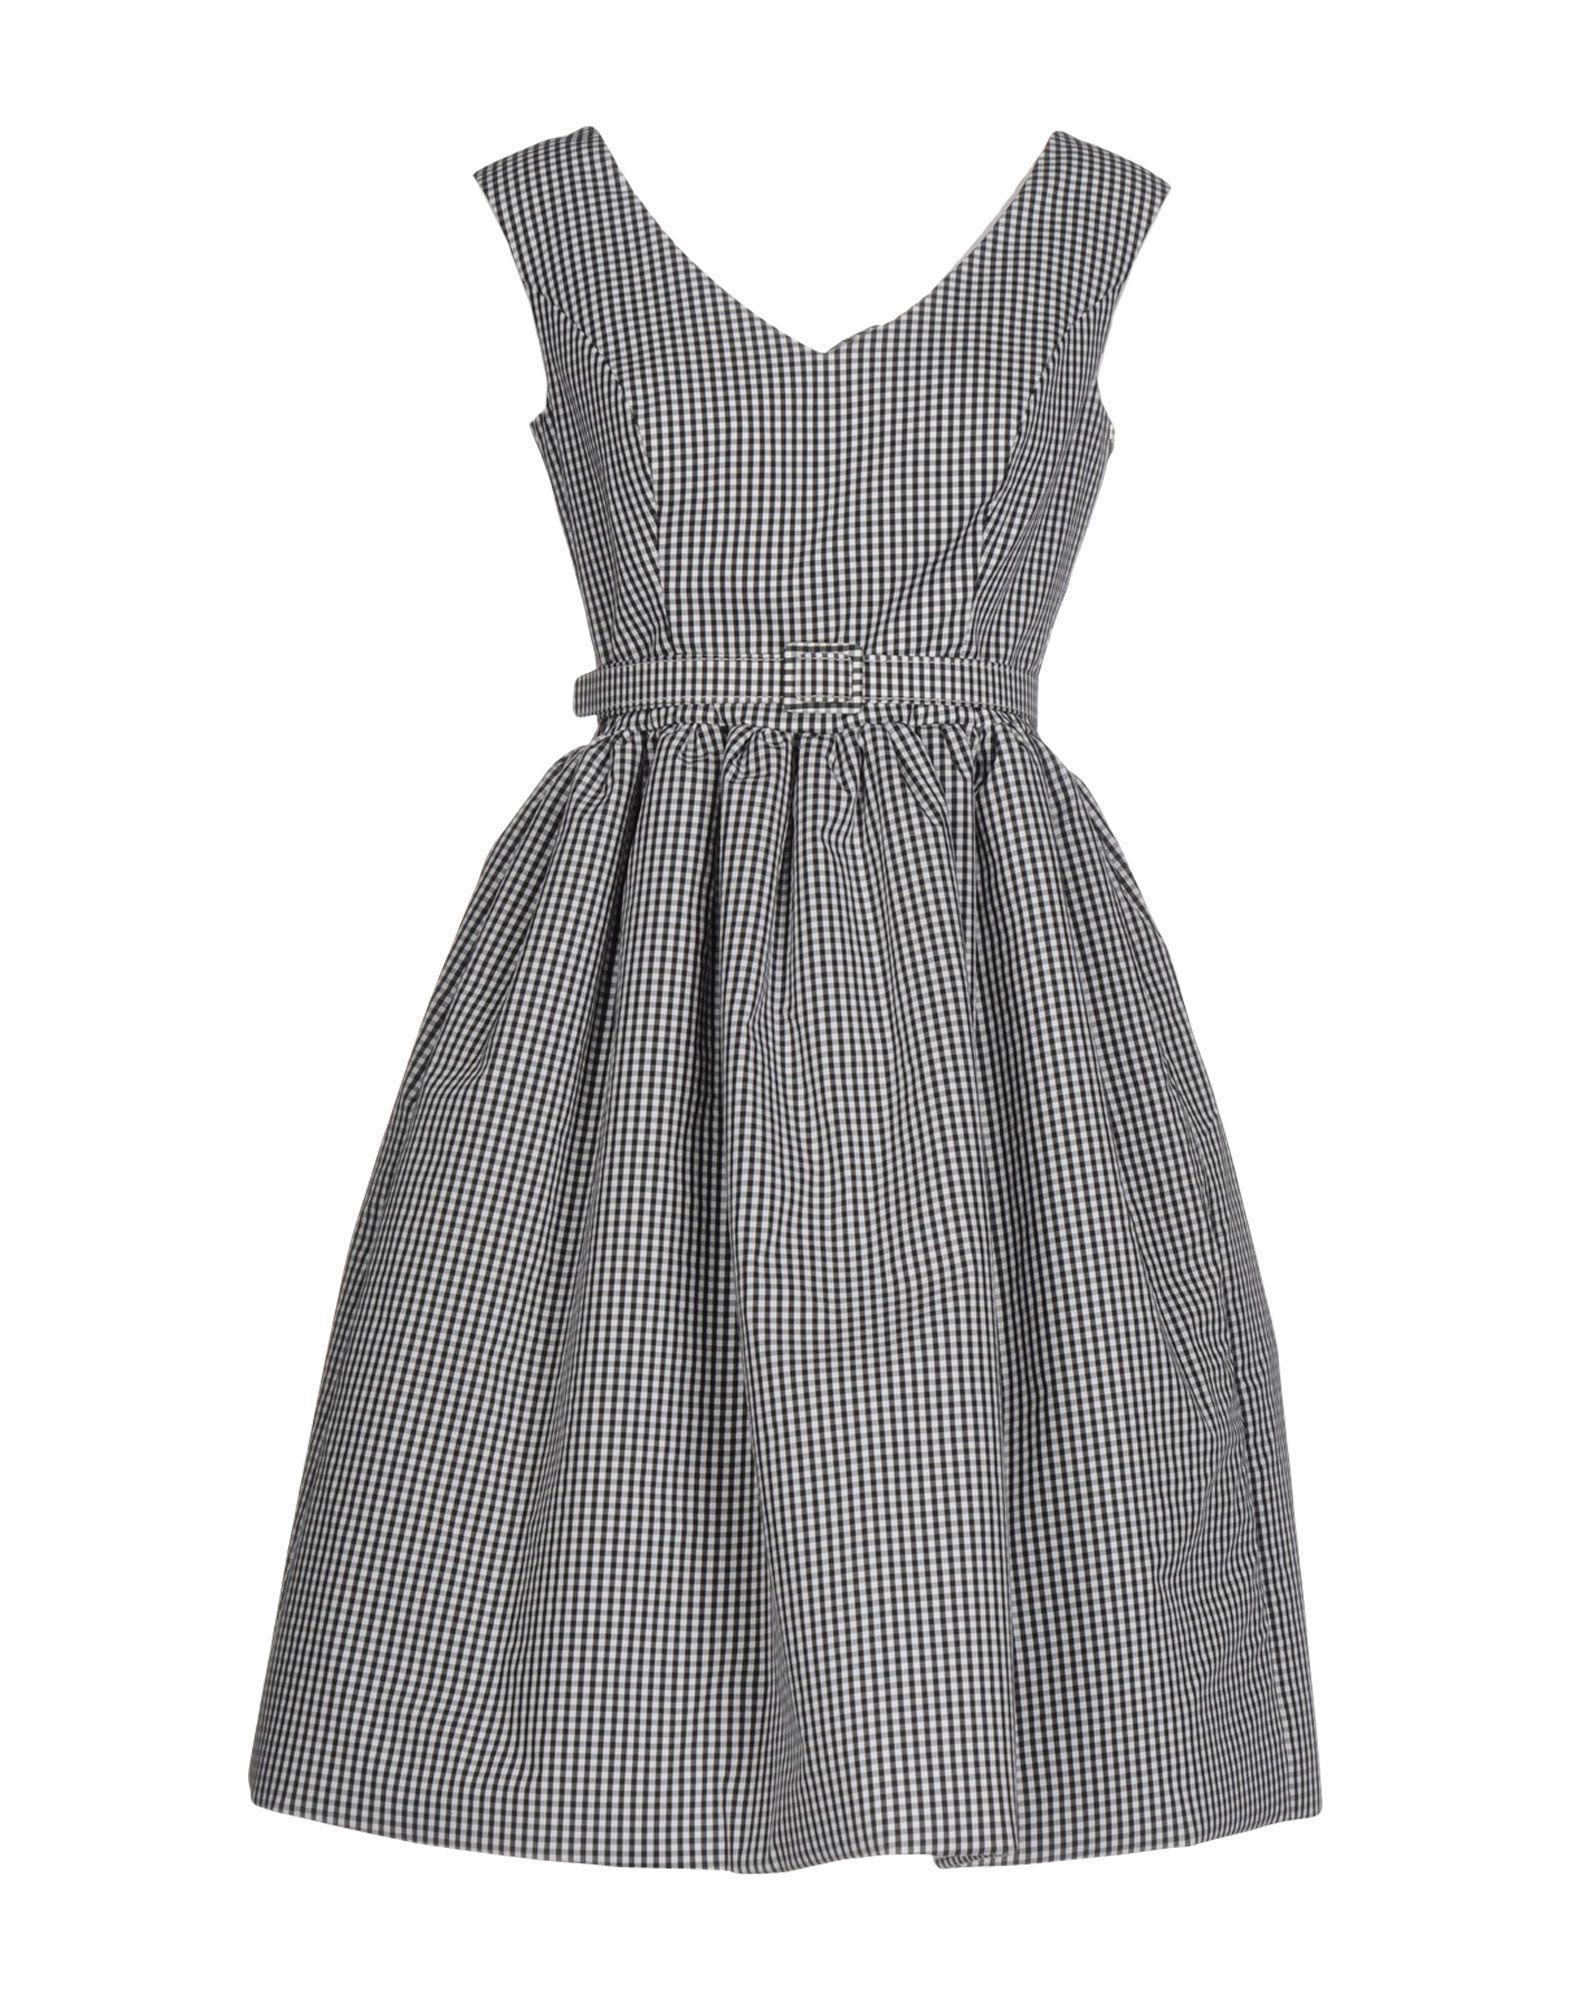 DRESSES - Short dresses io couture 7Y9Vxy